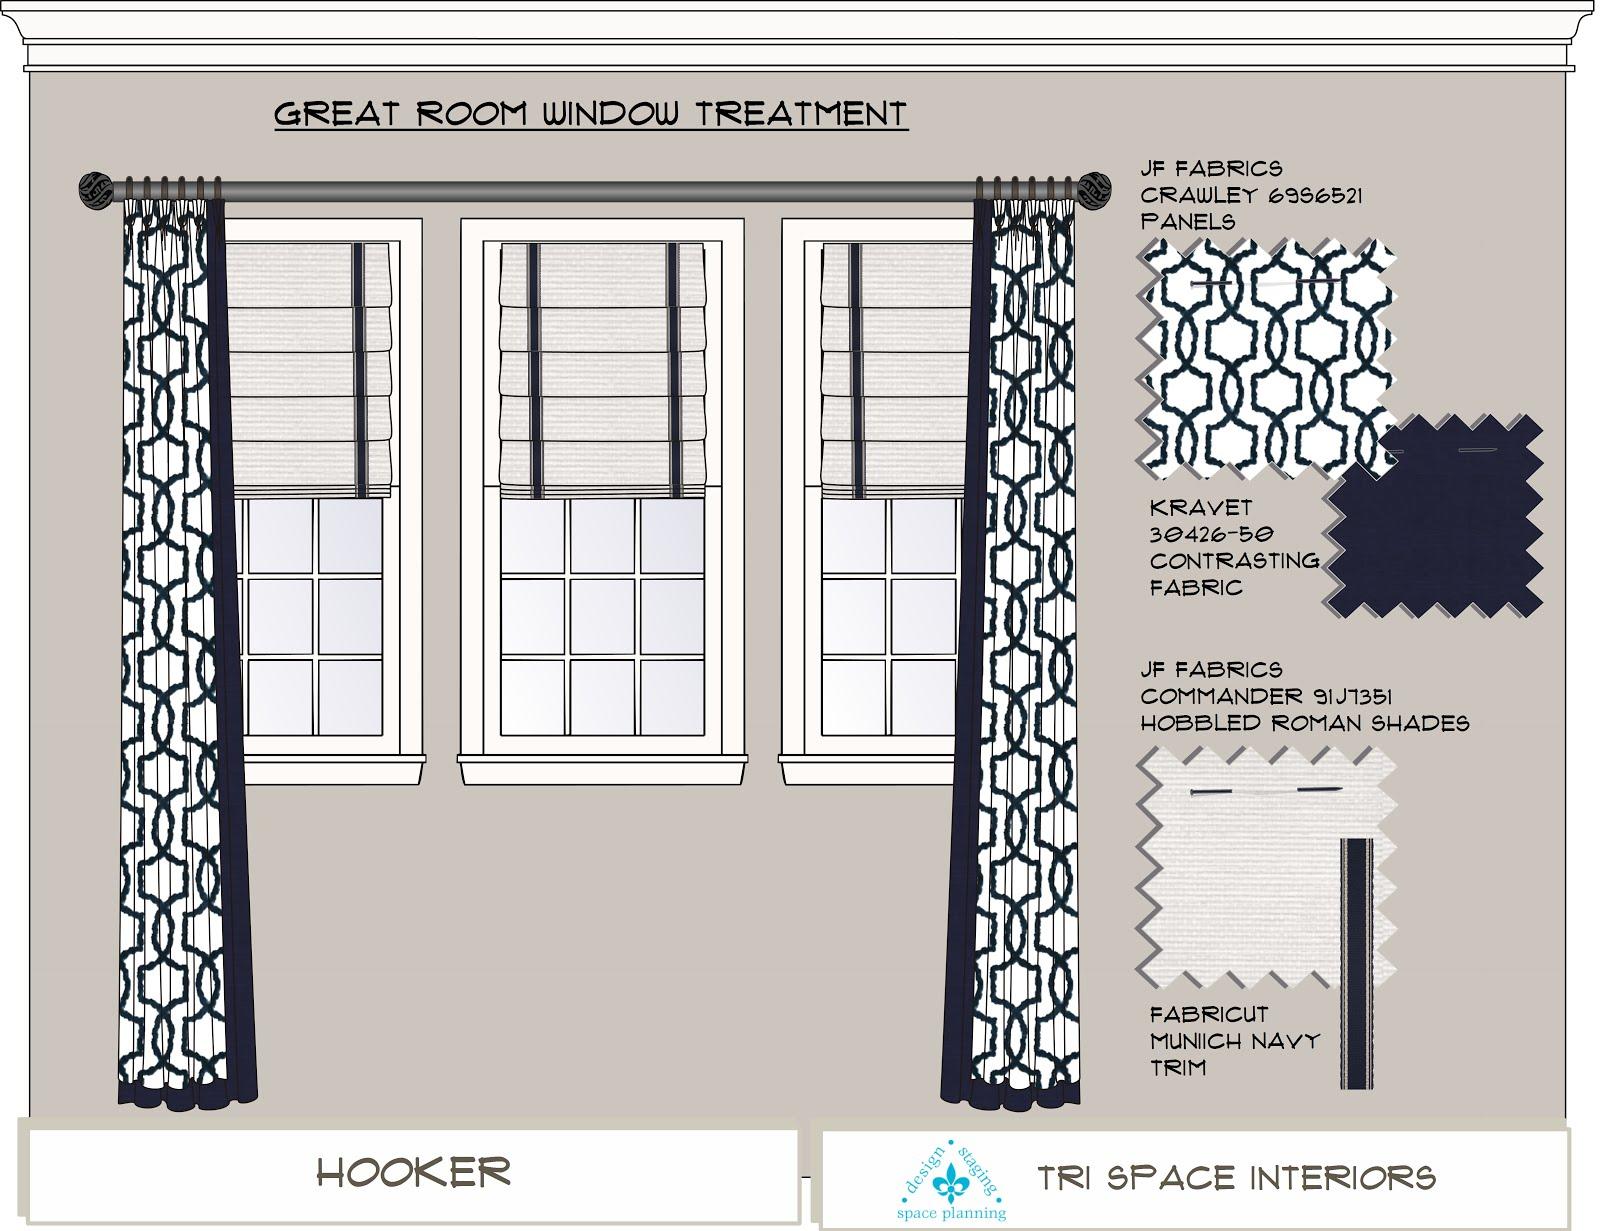 trispace interiors